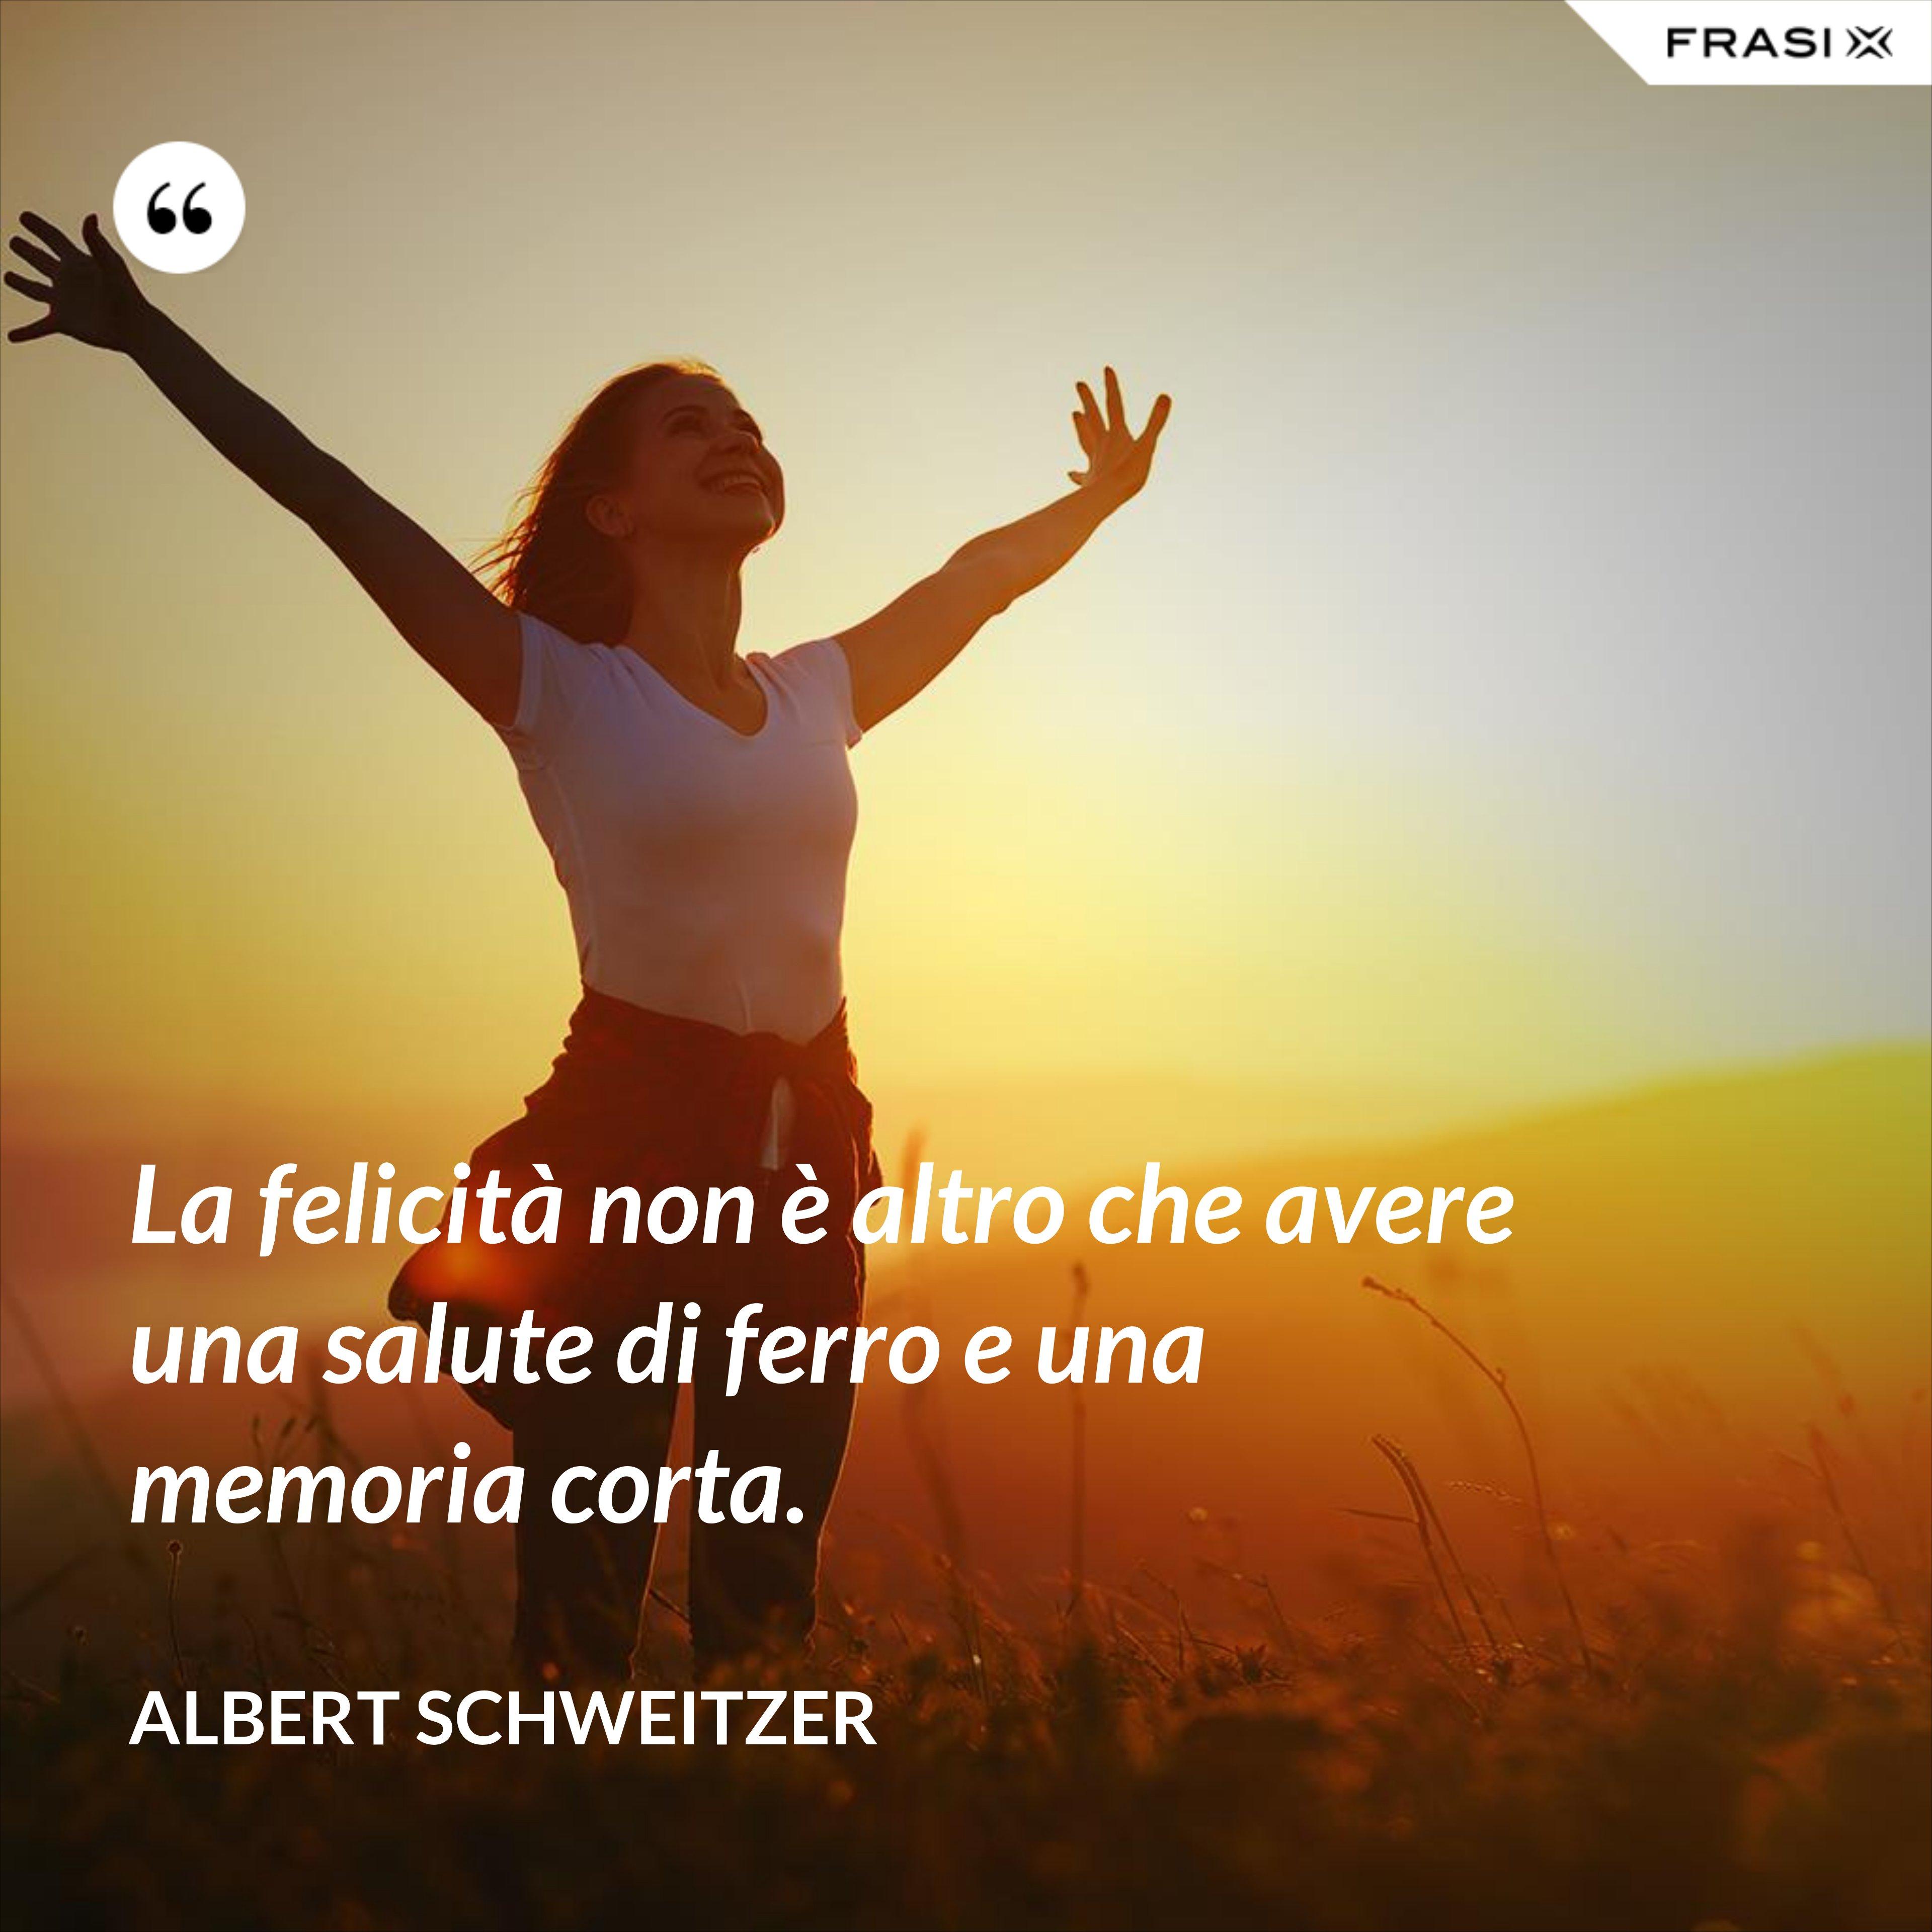 La felicità non è altro che avere una salute di ferro e una memoria corta. - Albert Schweitzer